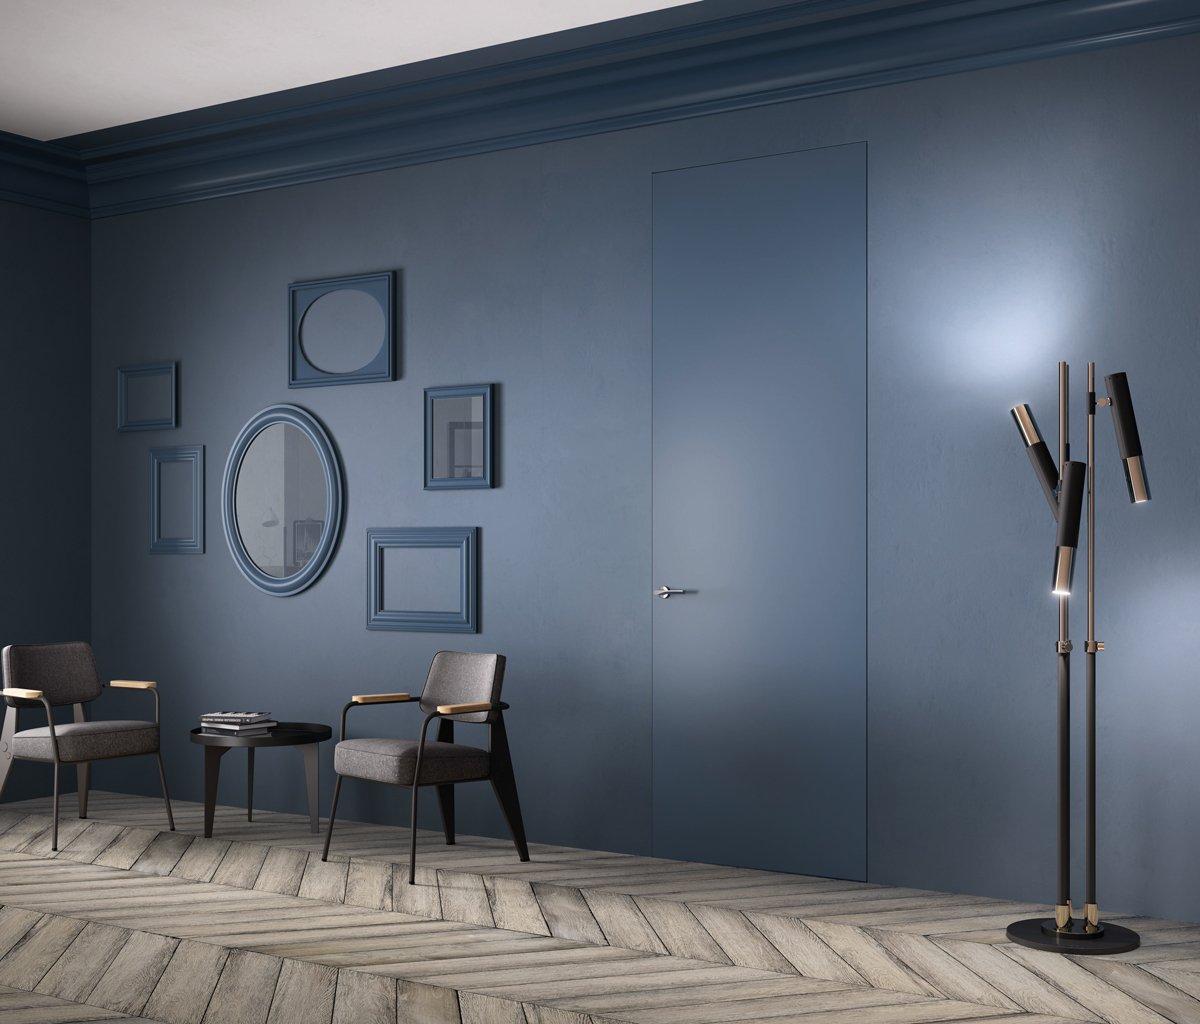 Sistema Zero porte filomuro di FerreroLegno arredi di puro design  Cose di Casa